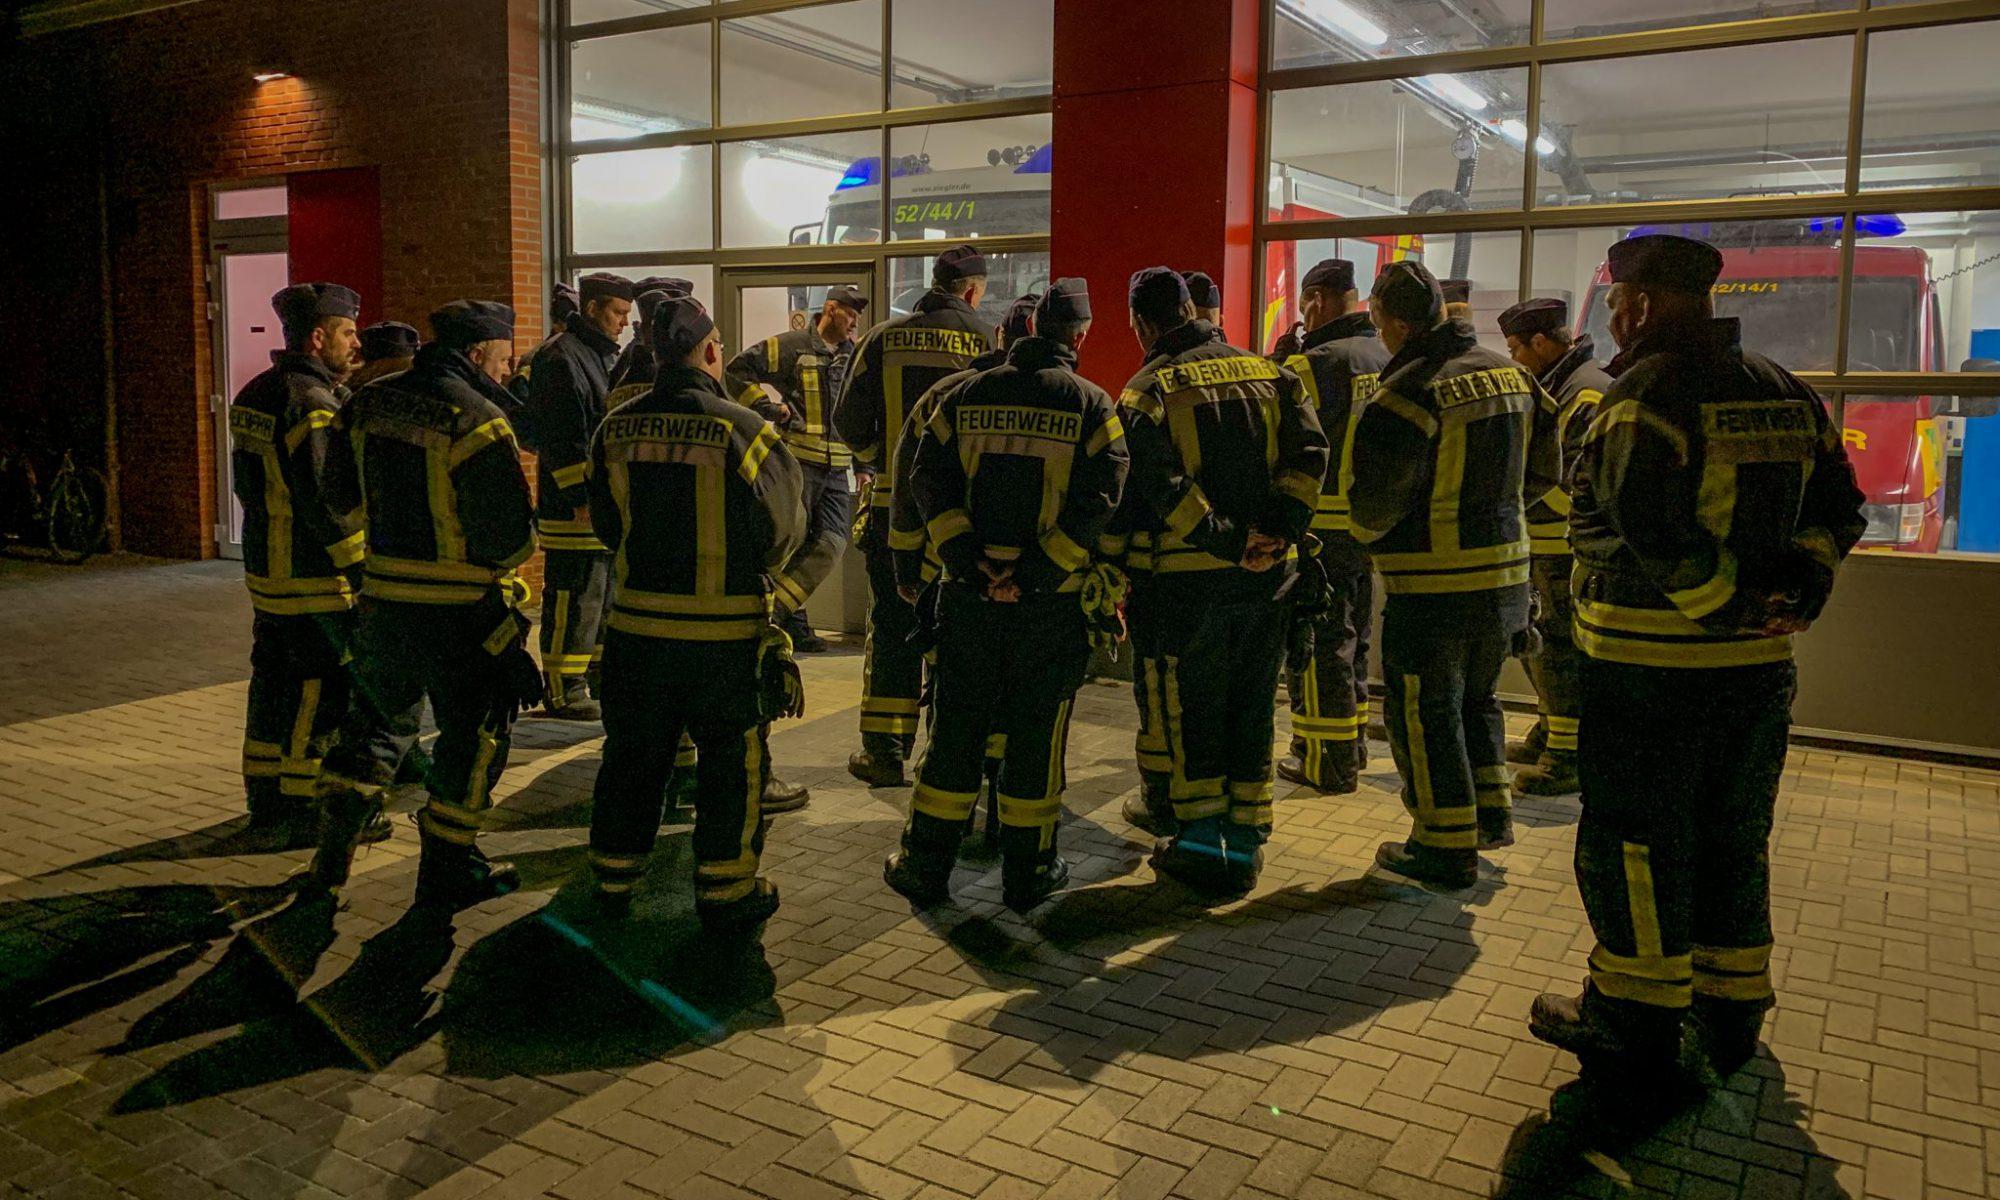 (C) Freiwillige Feuerwehr Jersbek